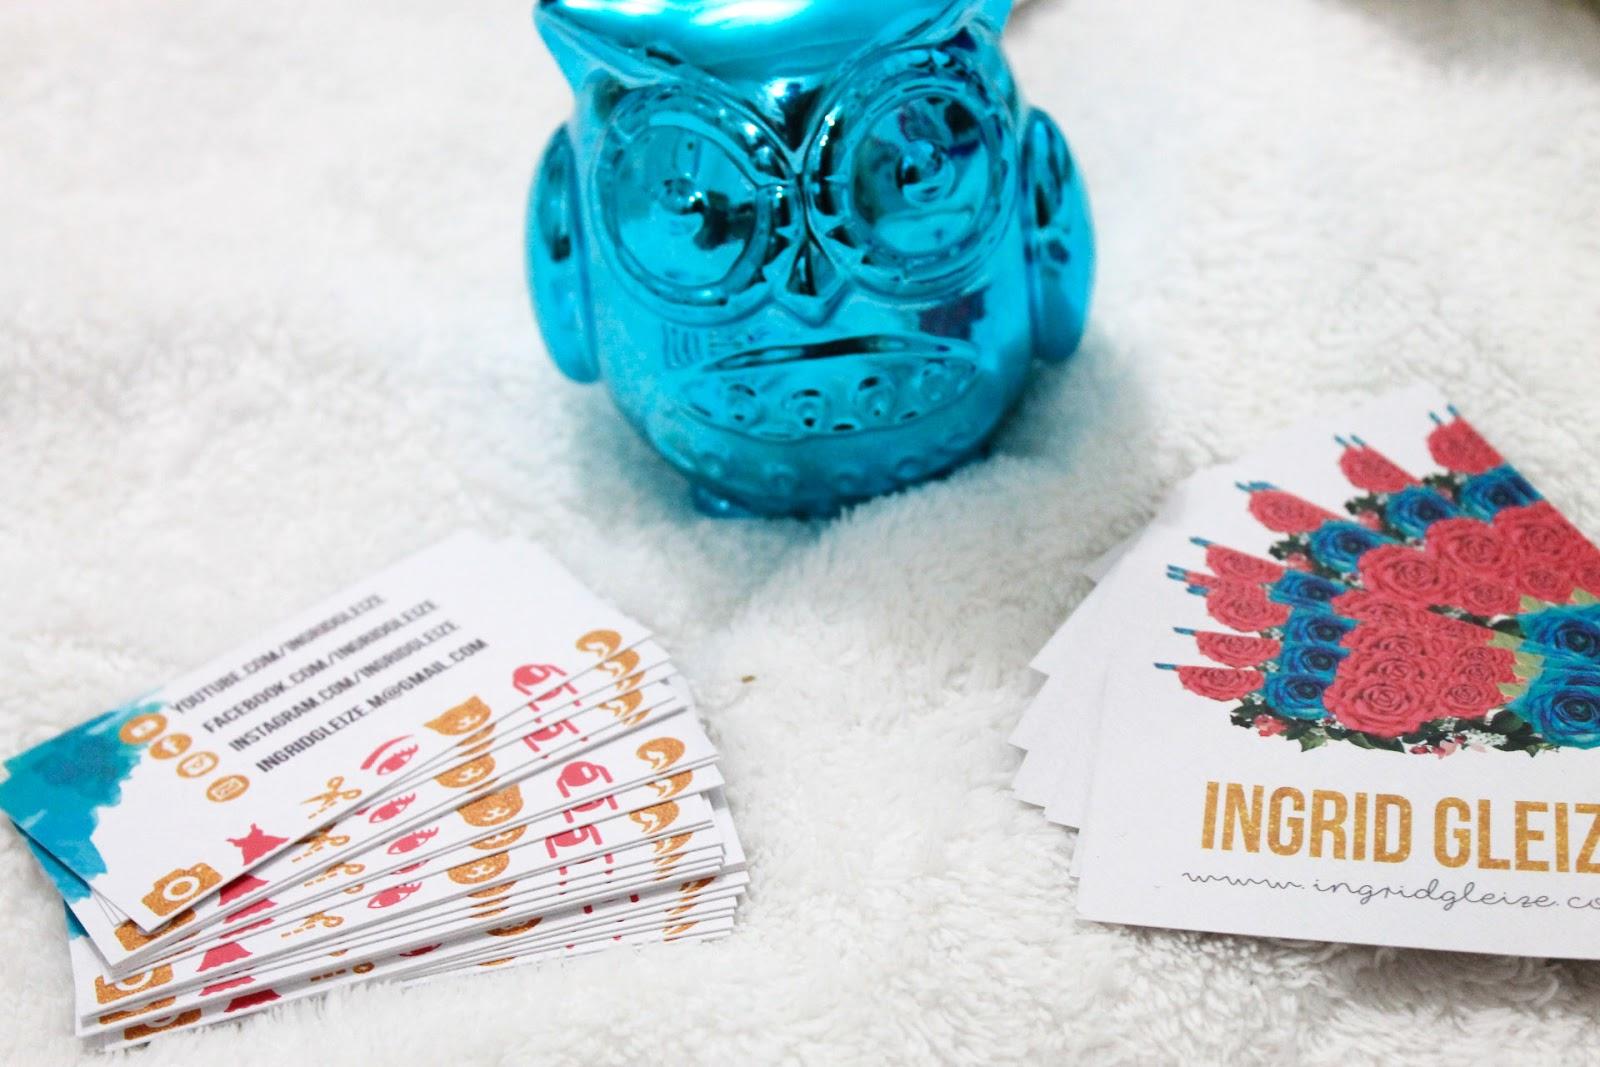 cartões de visita, onde comprar online, pra que cartões de visita, dicas para blogueiras,onde fazer cartão barato, ingrid gleize, printi